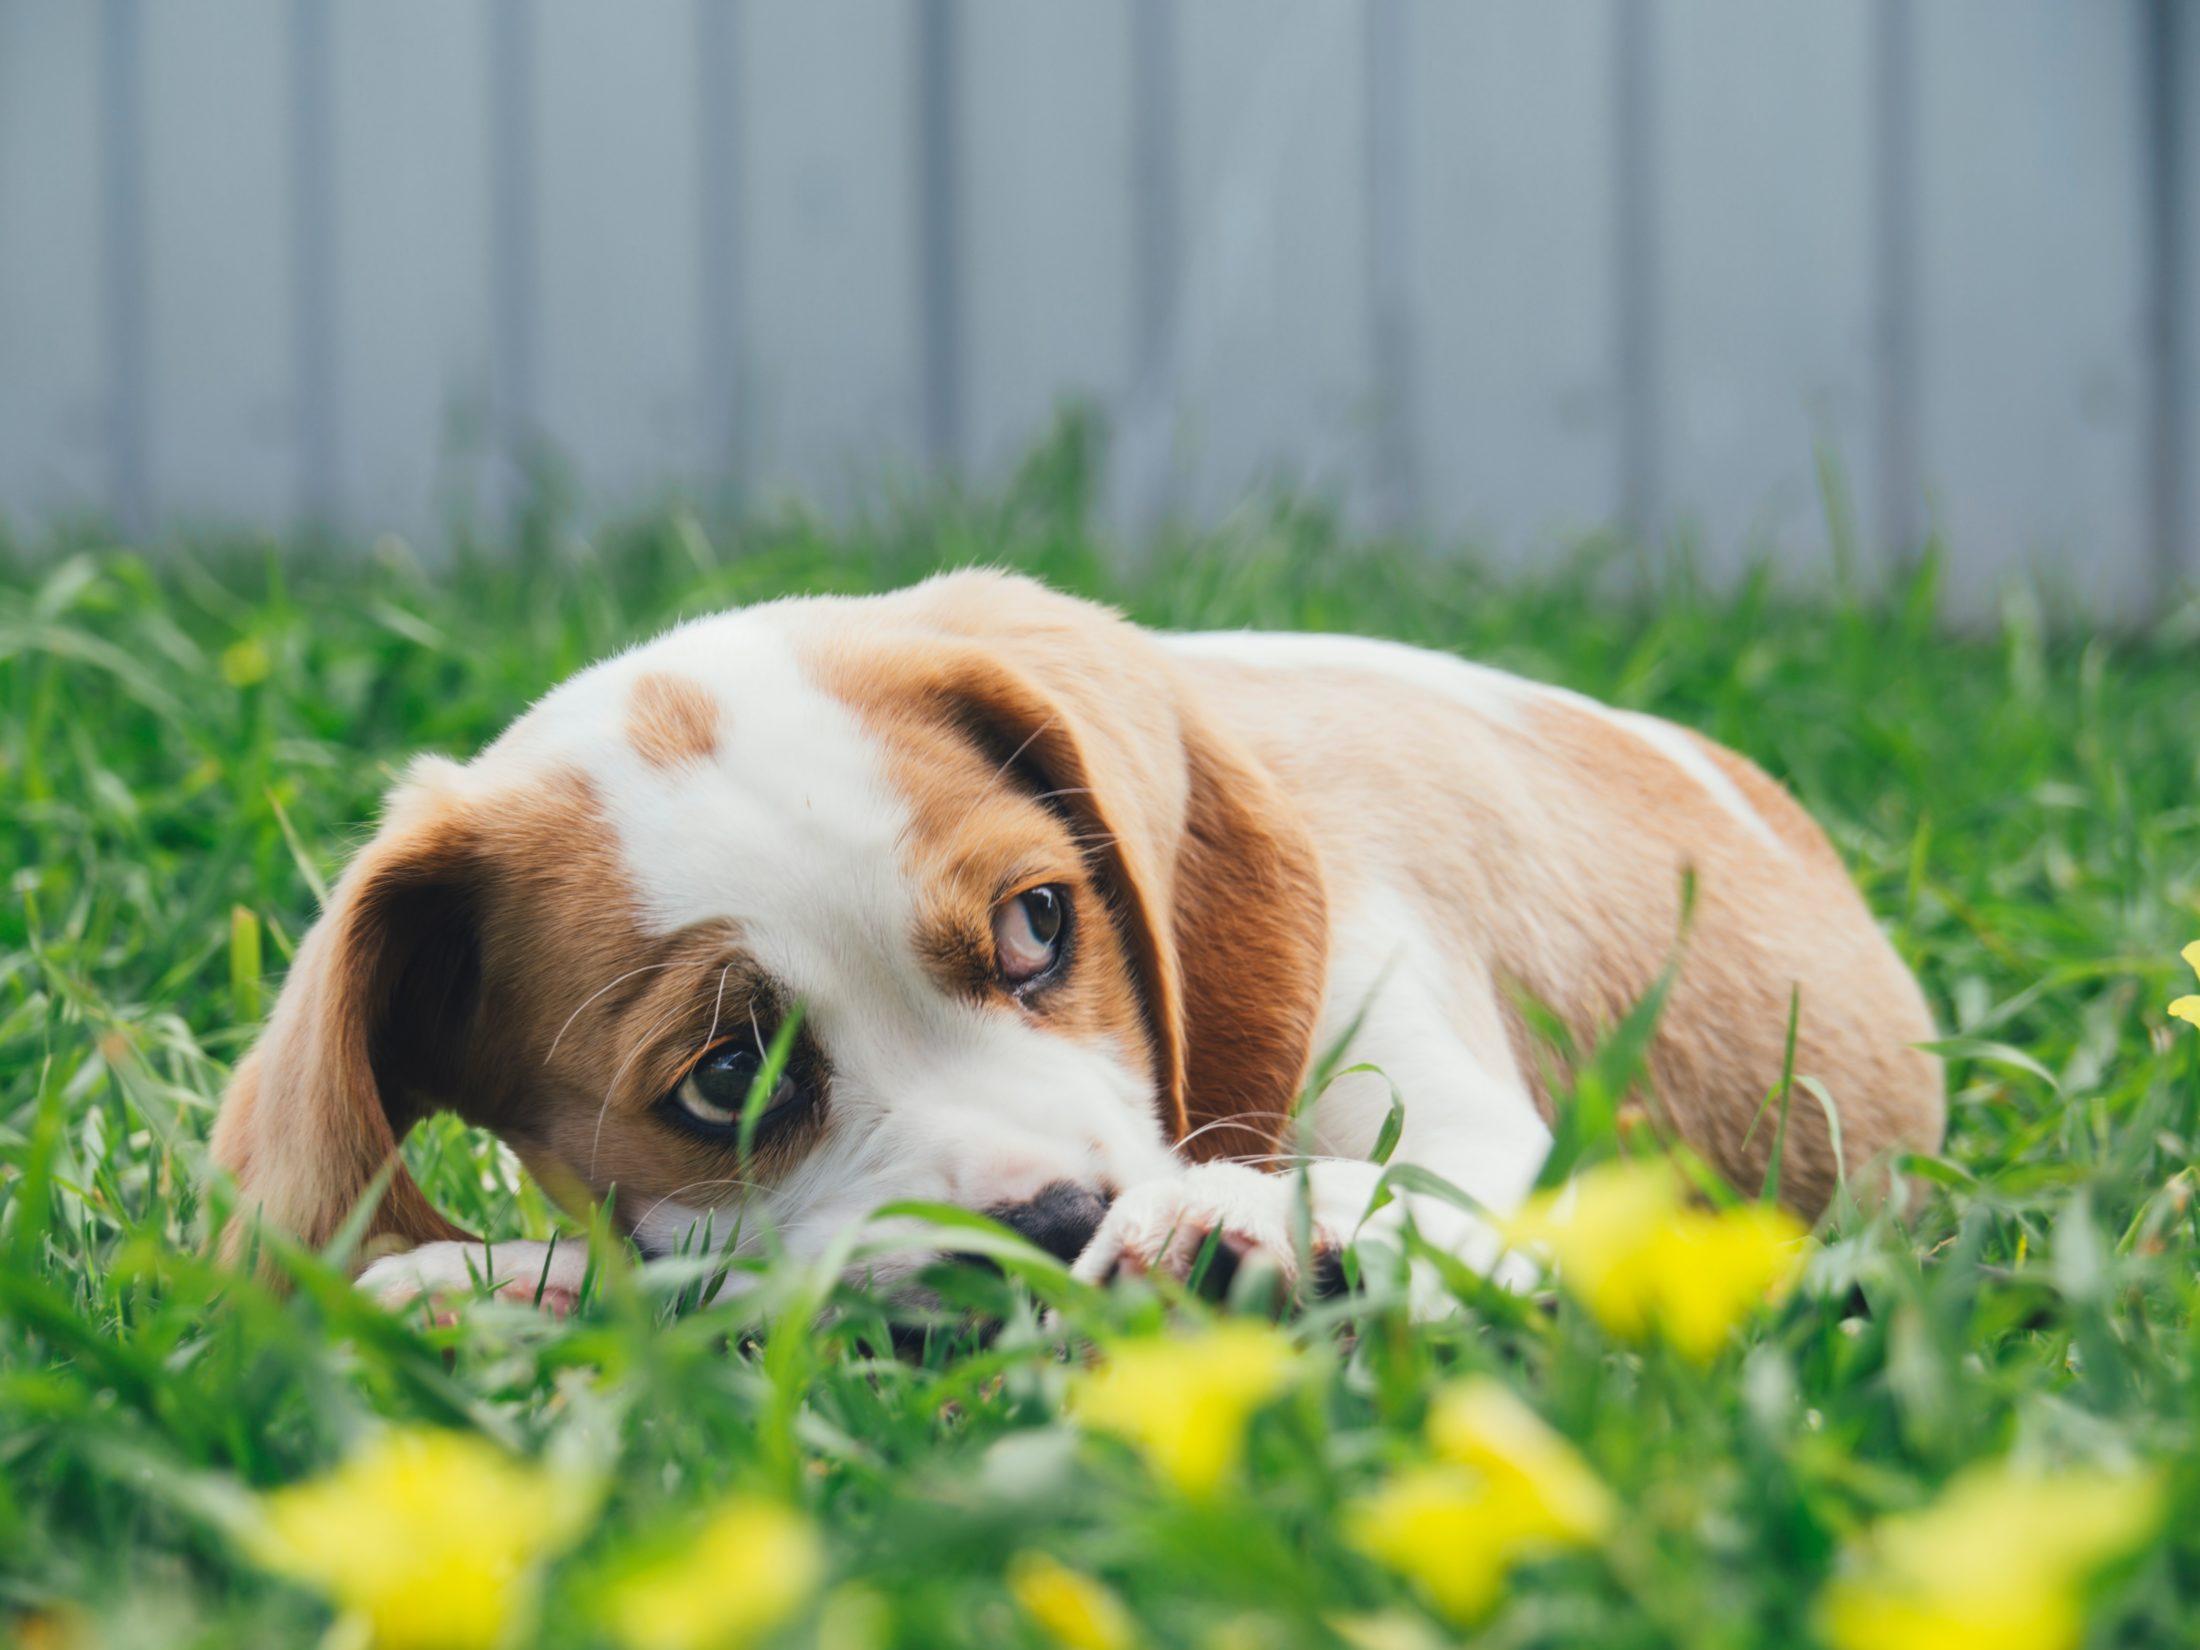 cachorro encolhido na grama com medo de fogos